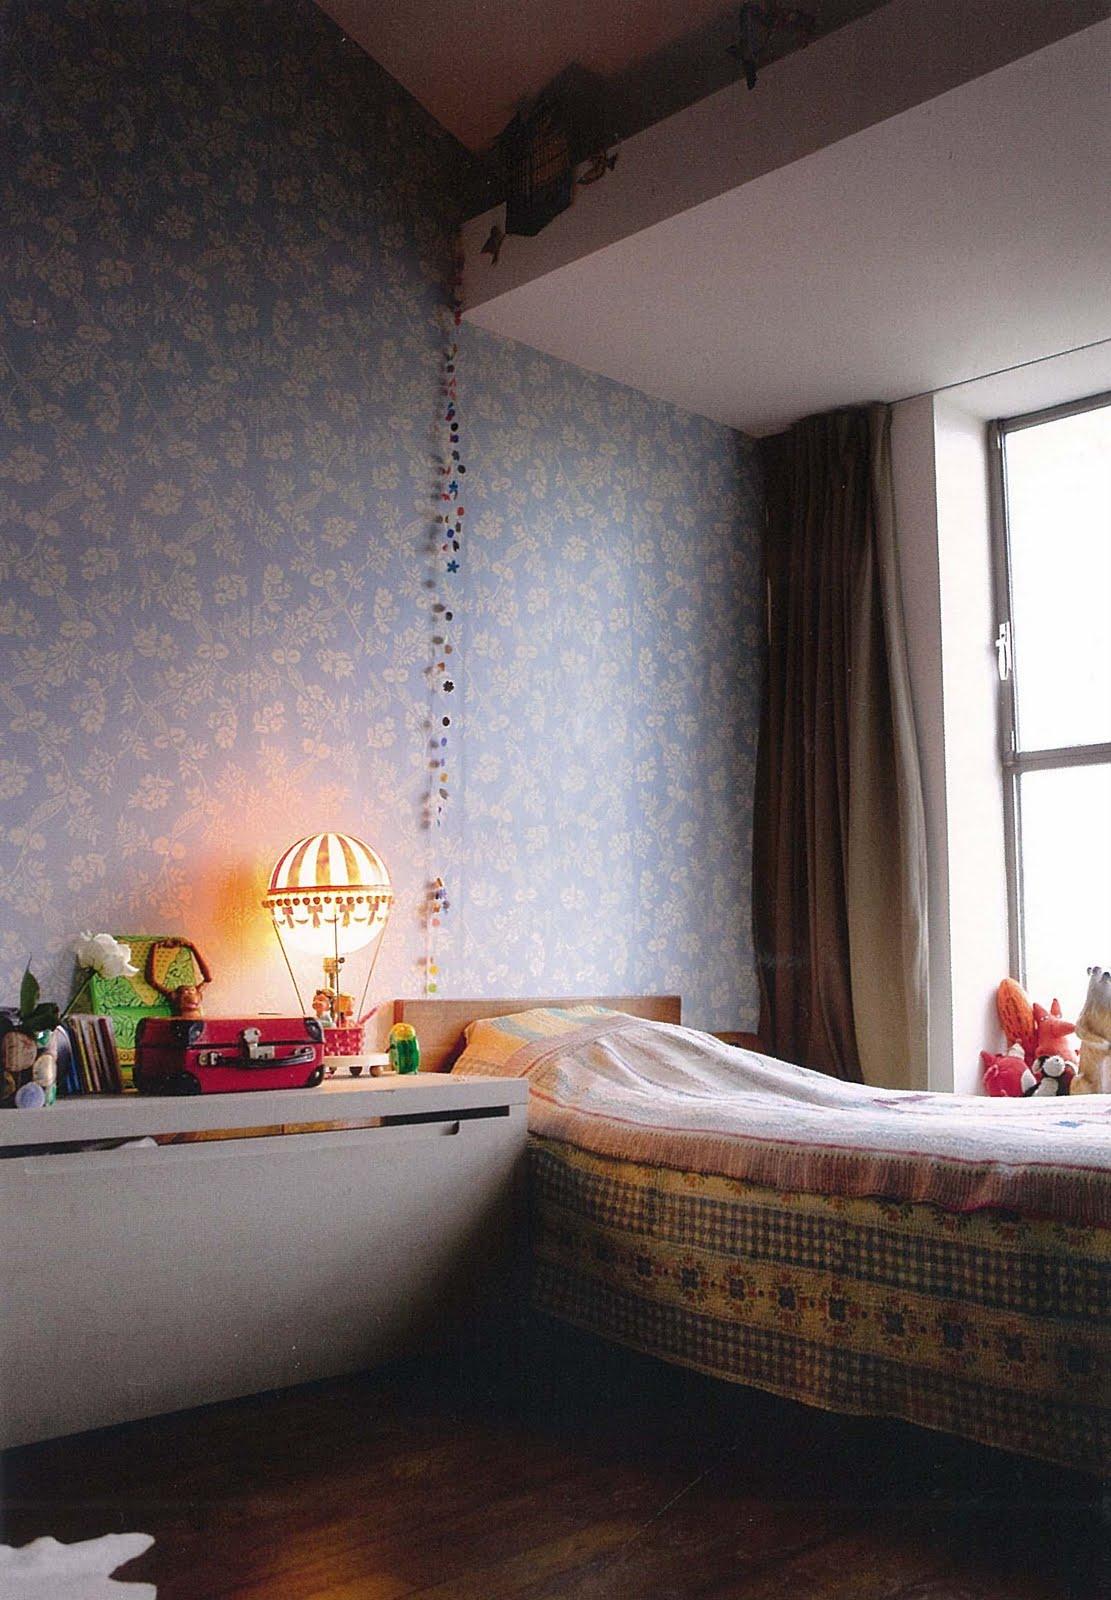 natalie 39 s sketchbook french decorating inspiration from milk magazine. Black Bedroom Furniture Sets. Home Design Ideas